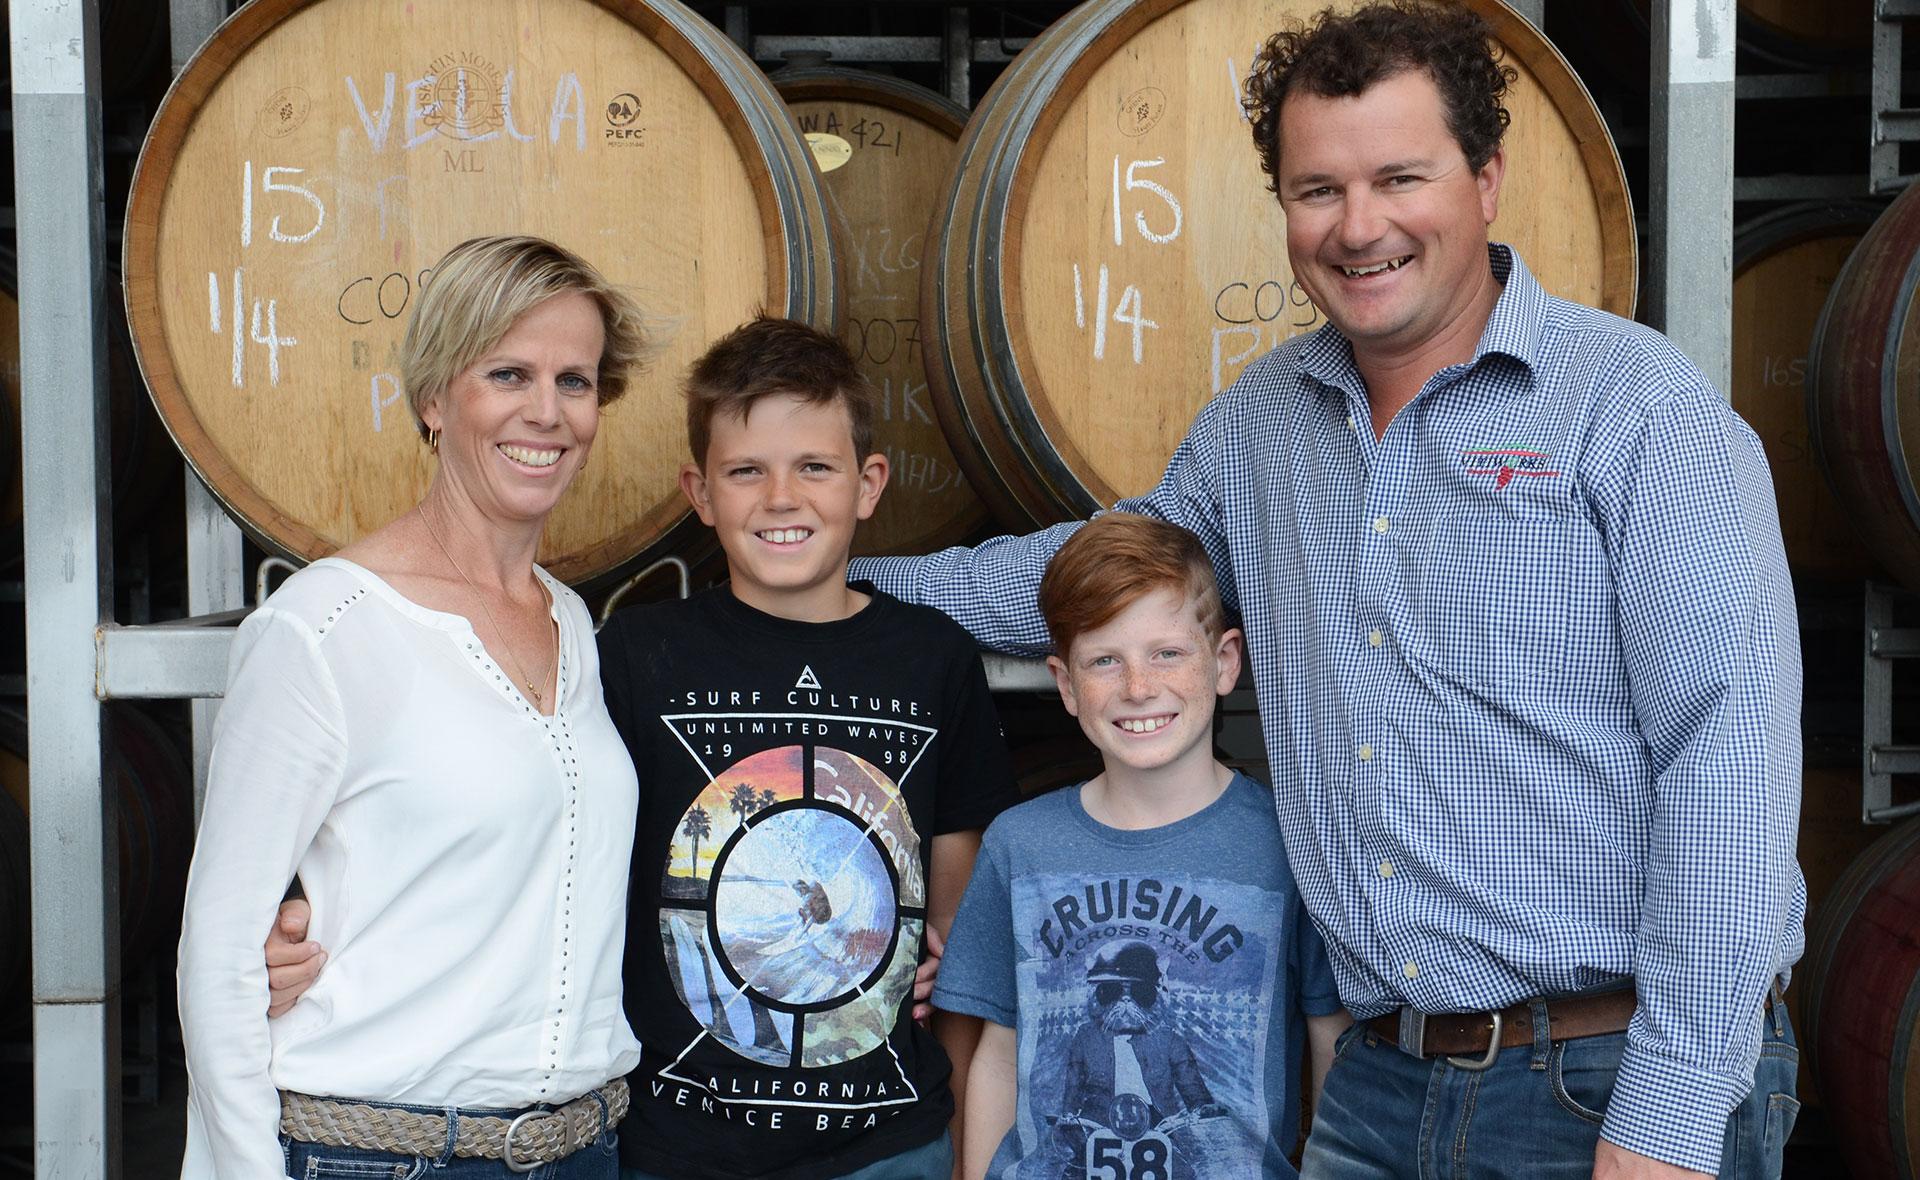 vella-wine-premium-fruit-in-the-adelaide-hills-123